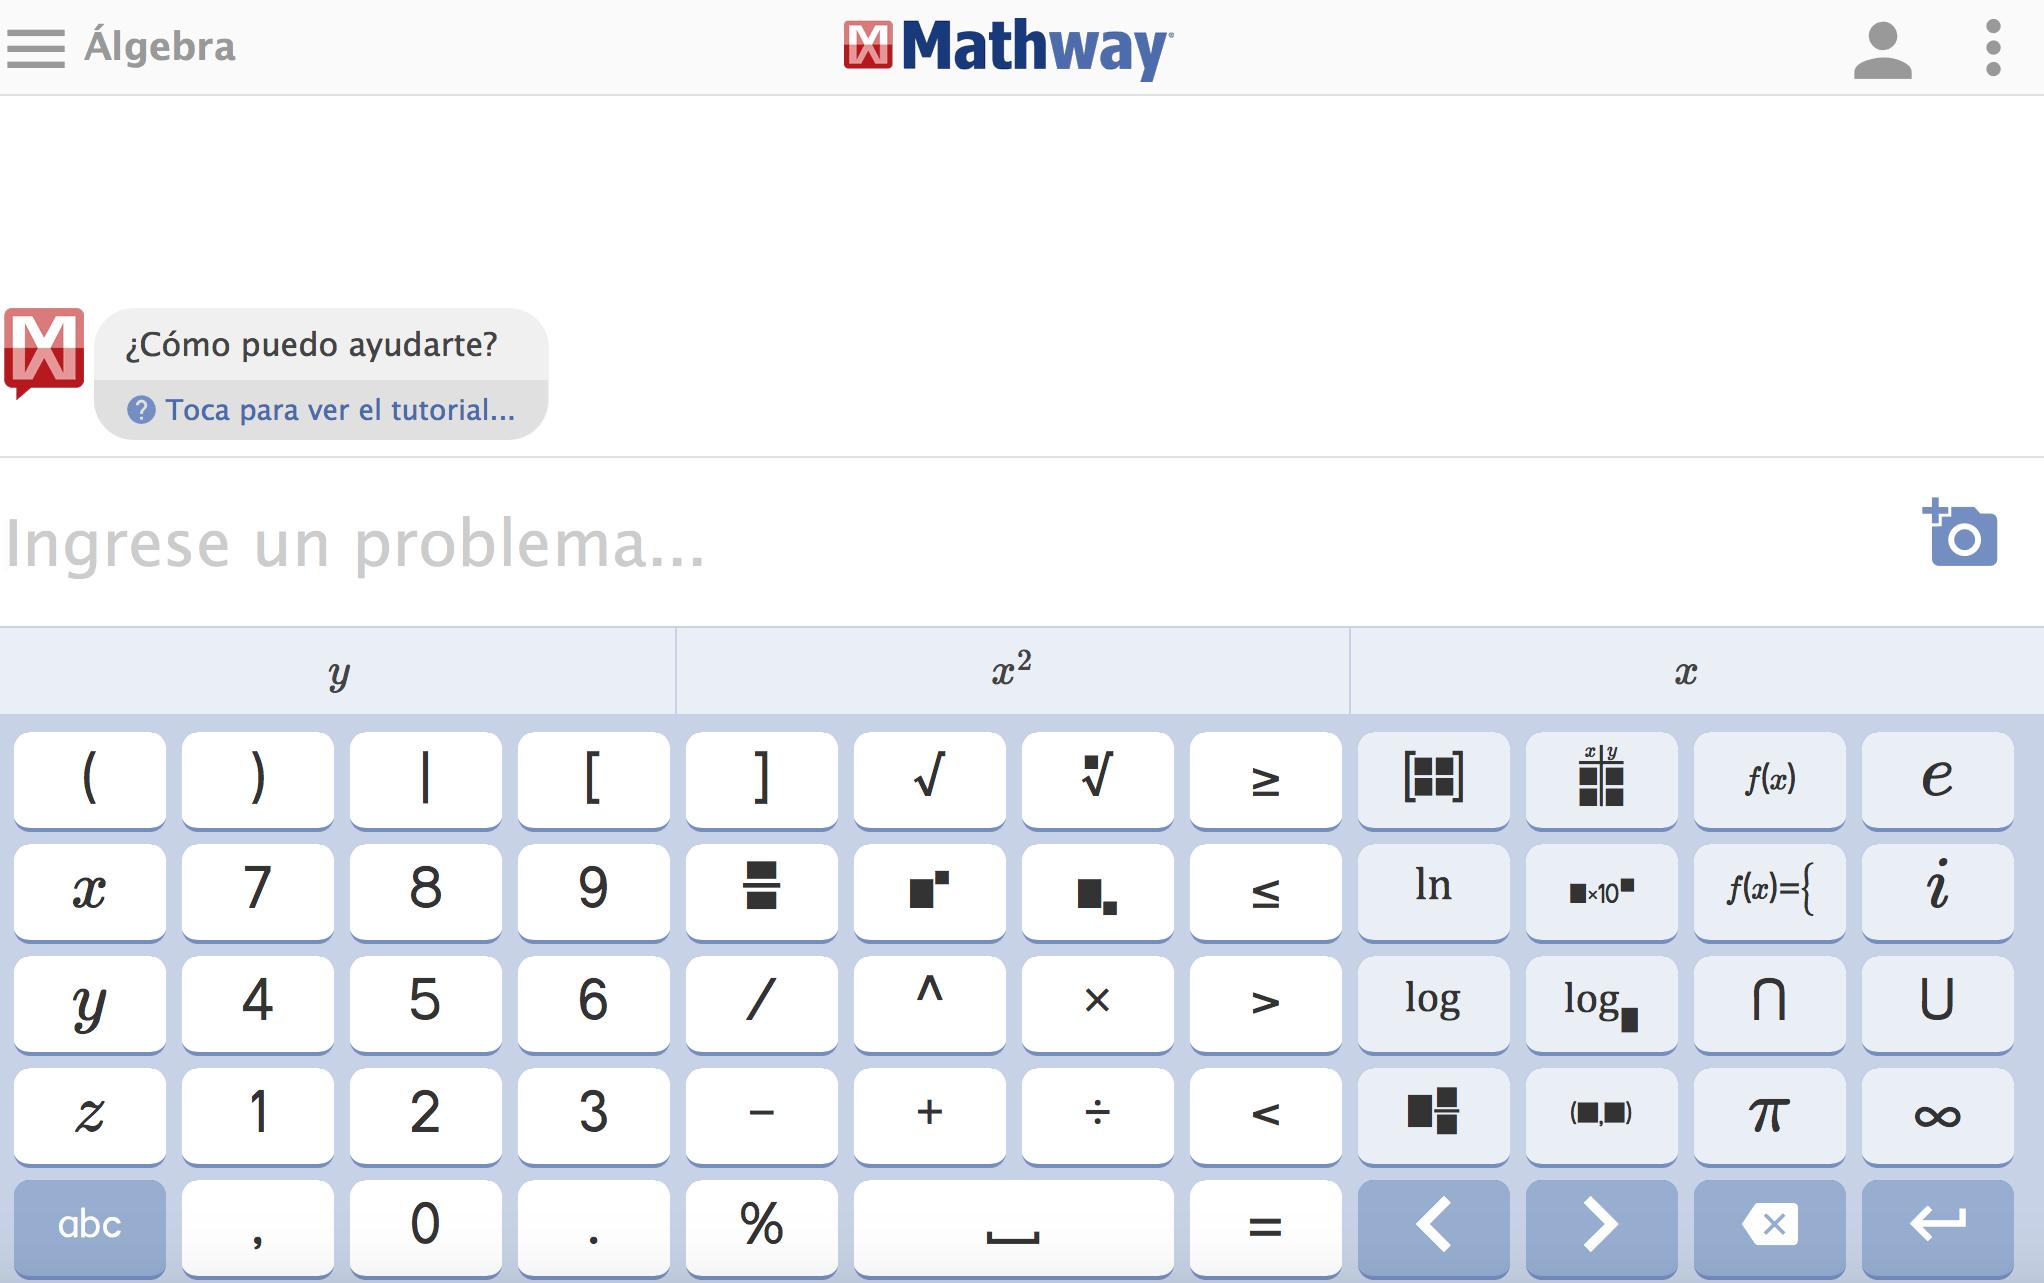 mathway solucionador de ecuaciones álgebra